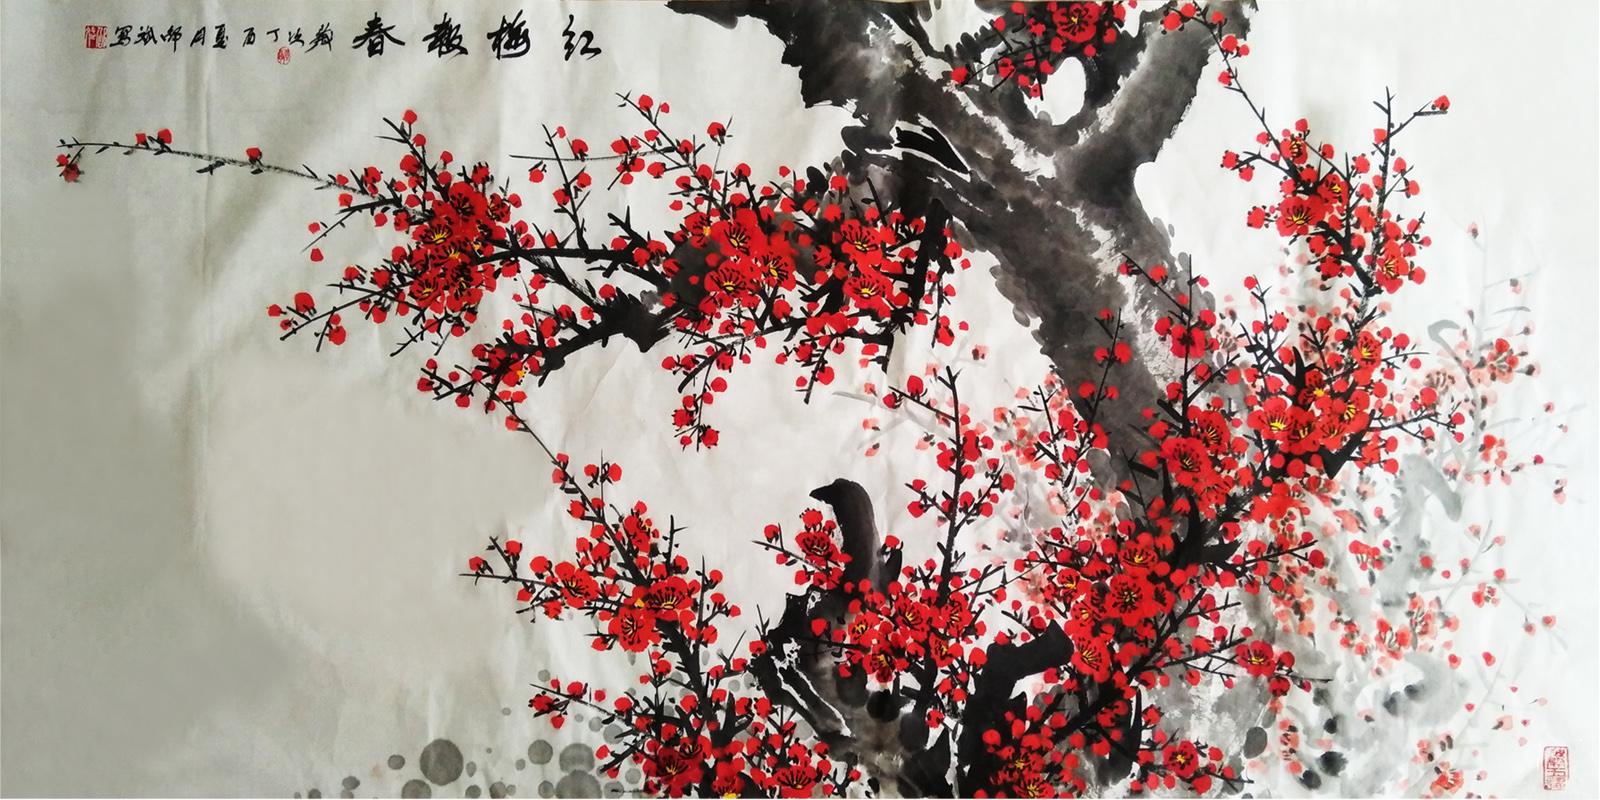 红梅报春 横幅 丁酉夏月